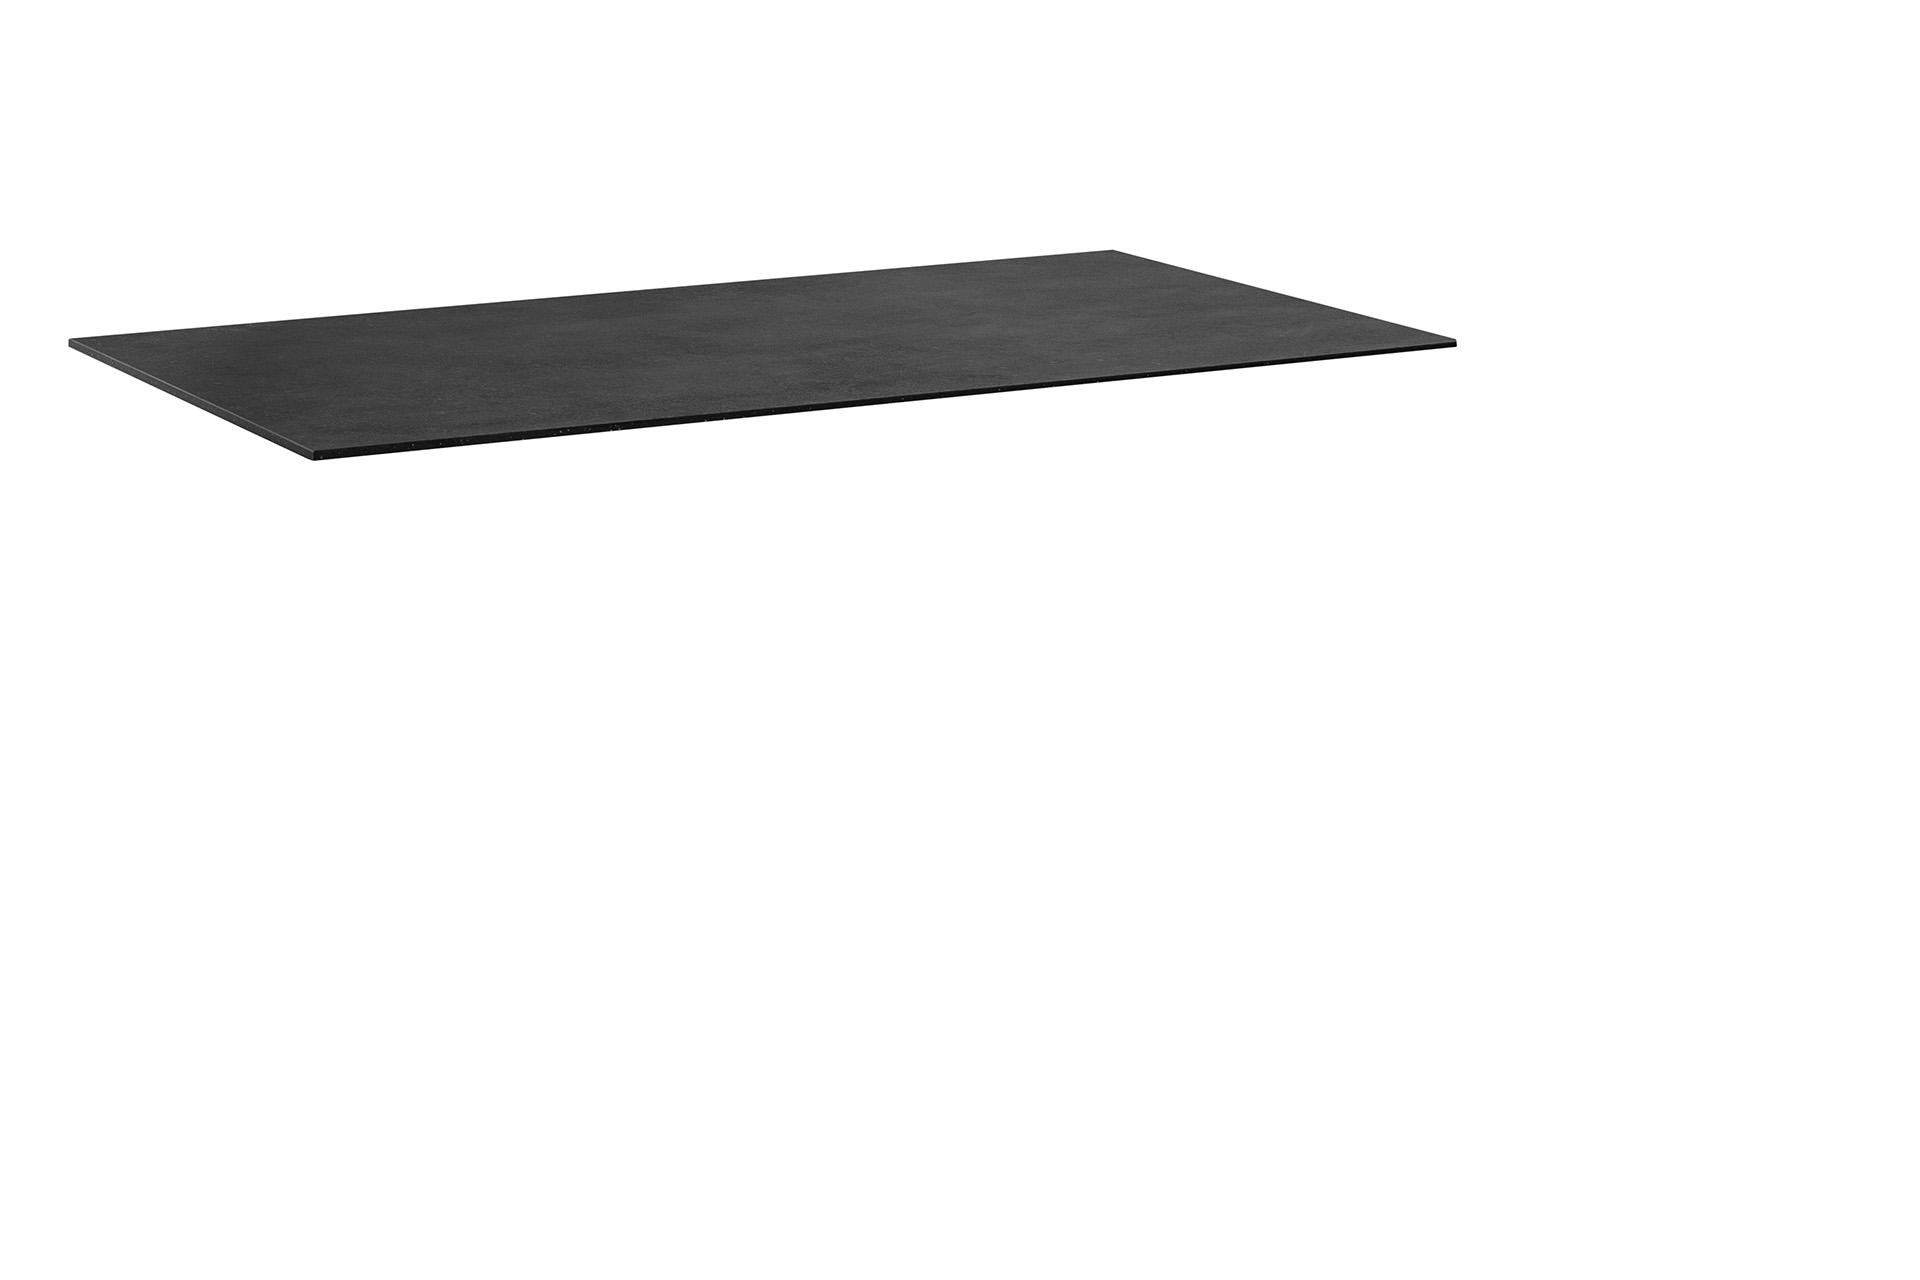 DEKTON Keramik-Glas-Quarz Tischplatte 140 x 70 cm